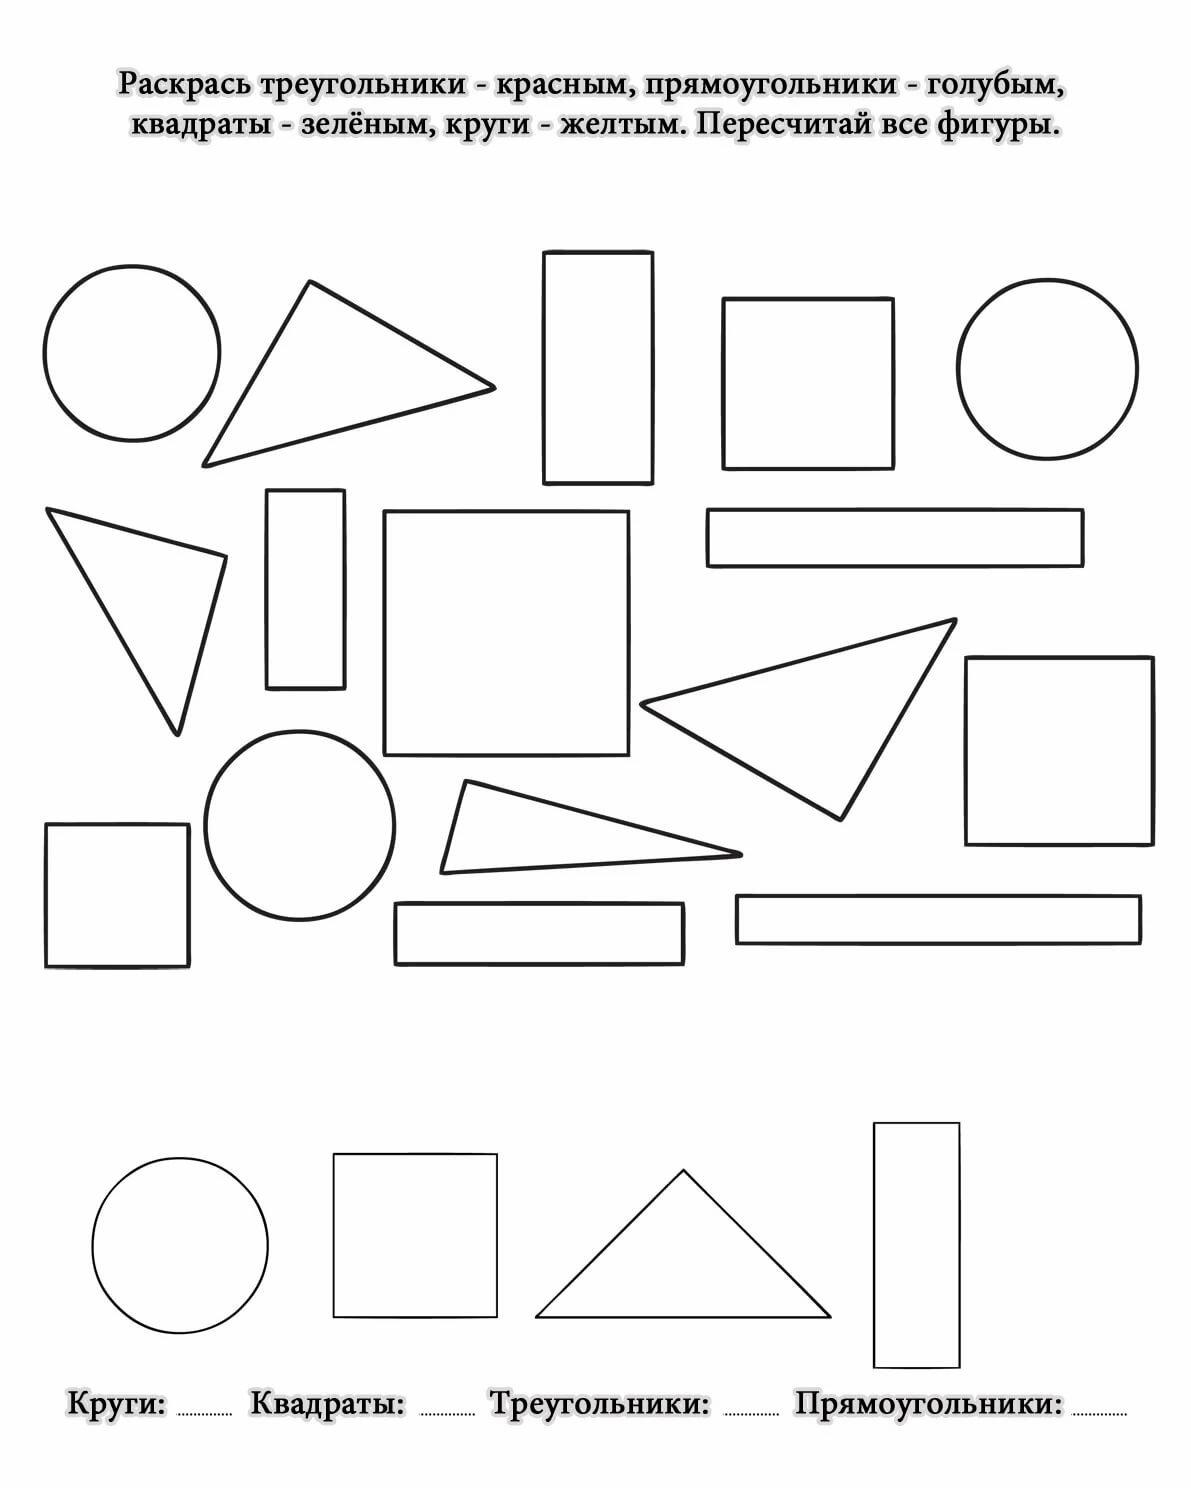 последние задания геометрические фигуры картинки начинка получается